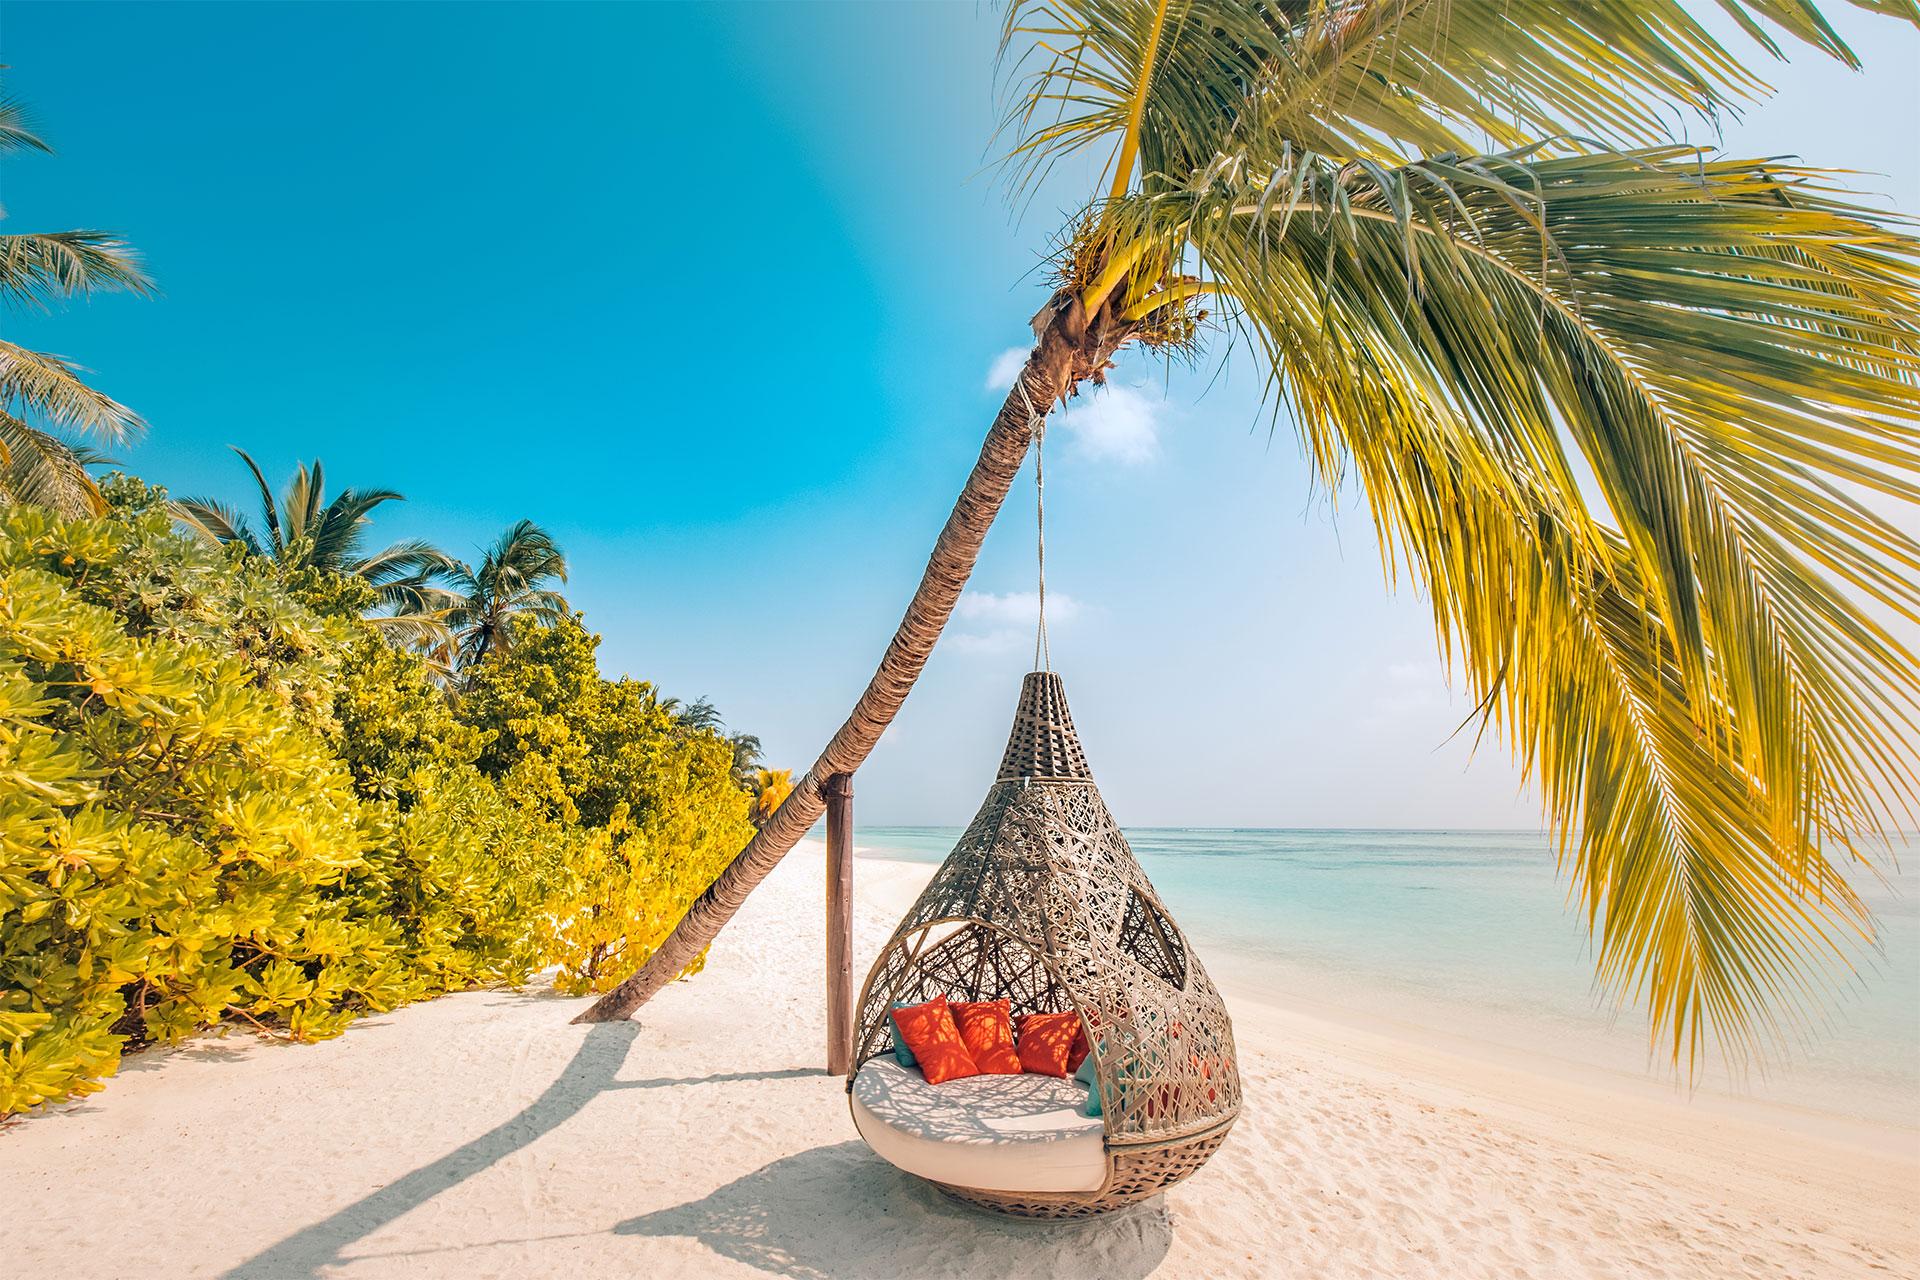 Sejur Luxury All Inclusive Maldive cu Razvan Pascu - februarie 2021, 10 zile